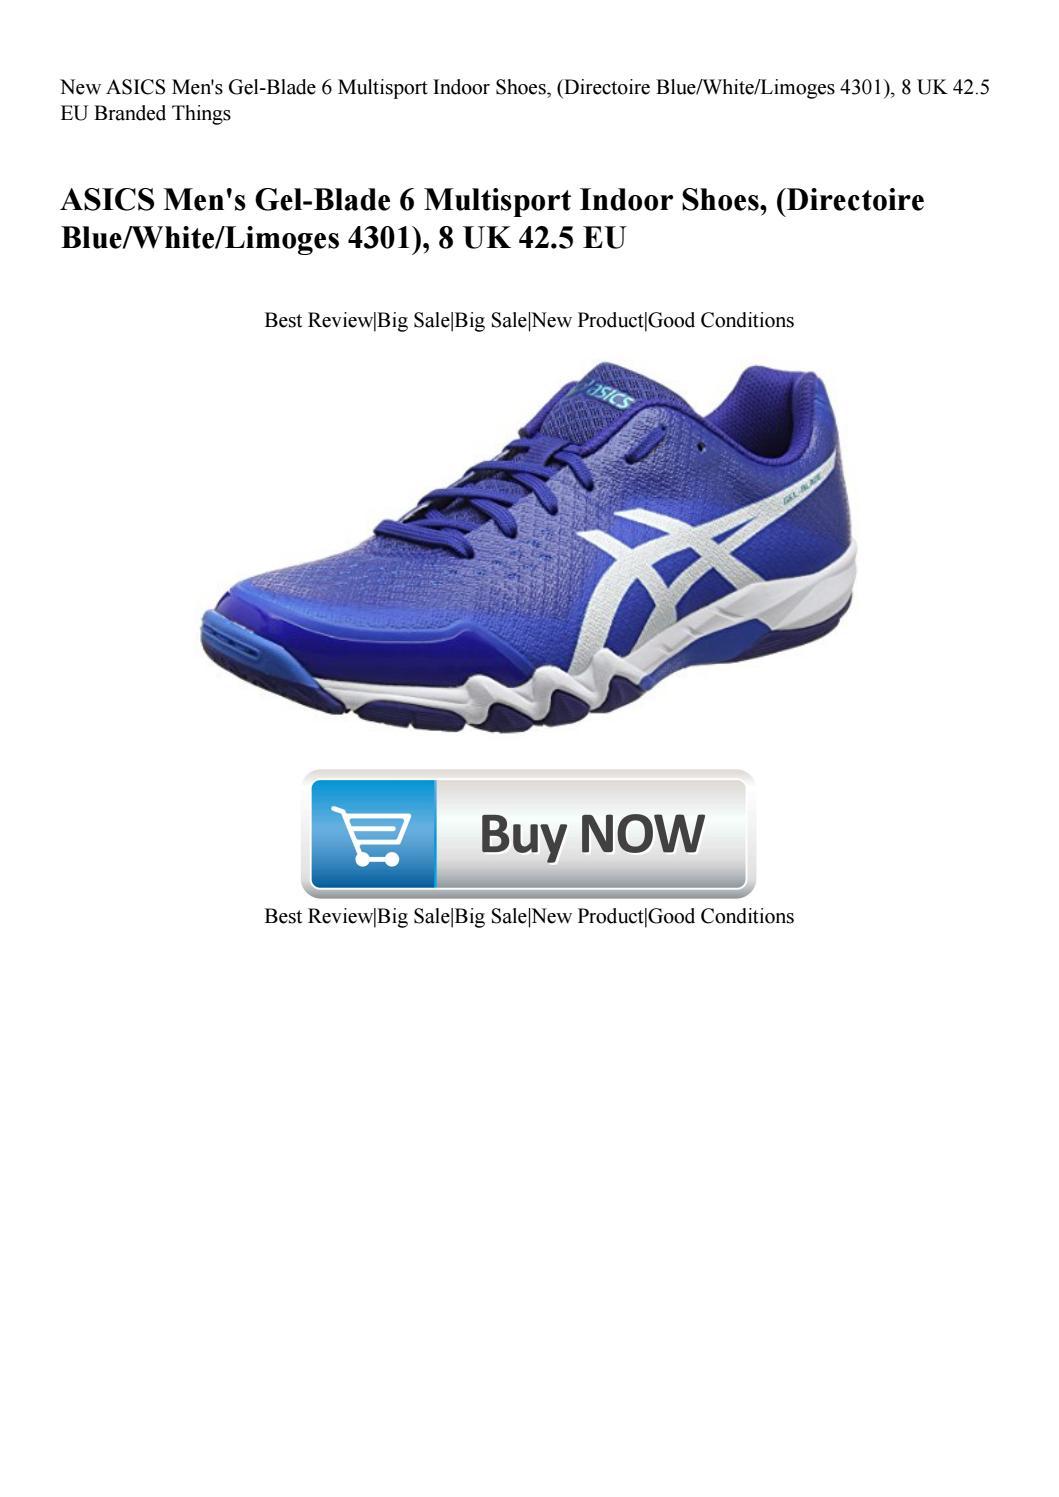 77be3d1012 New ASICS Men's Gel-Blade 6 Multisport Indoor Shoes (Directoire ...